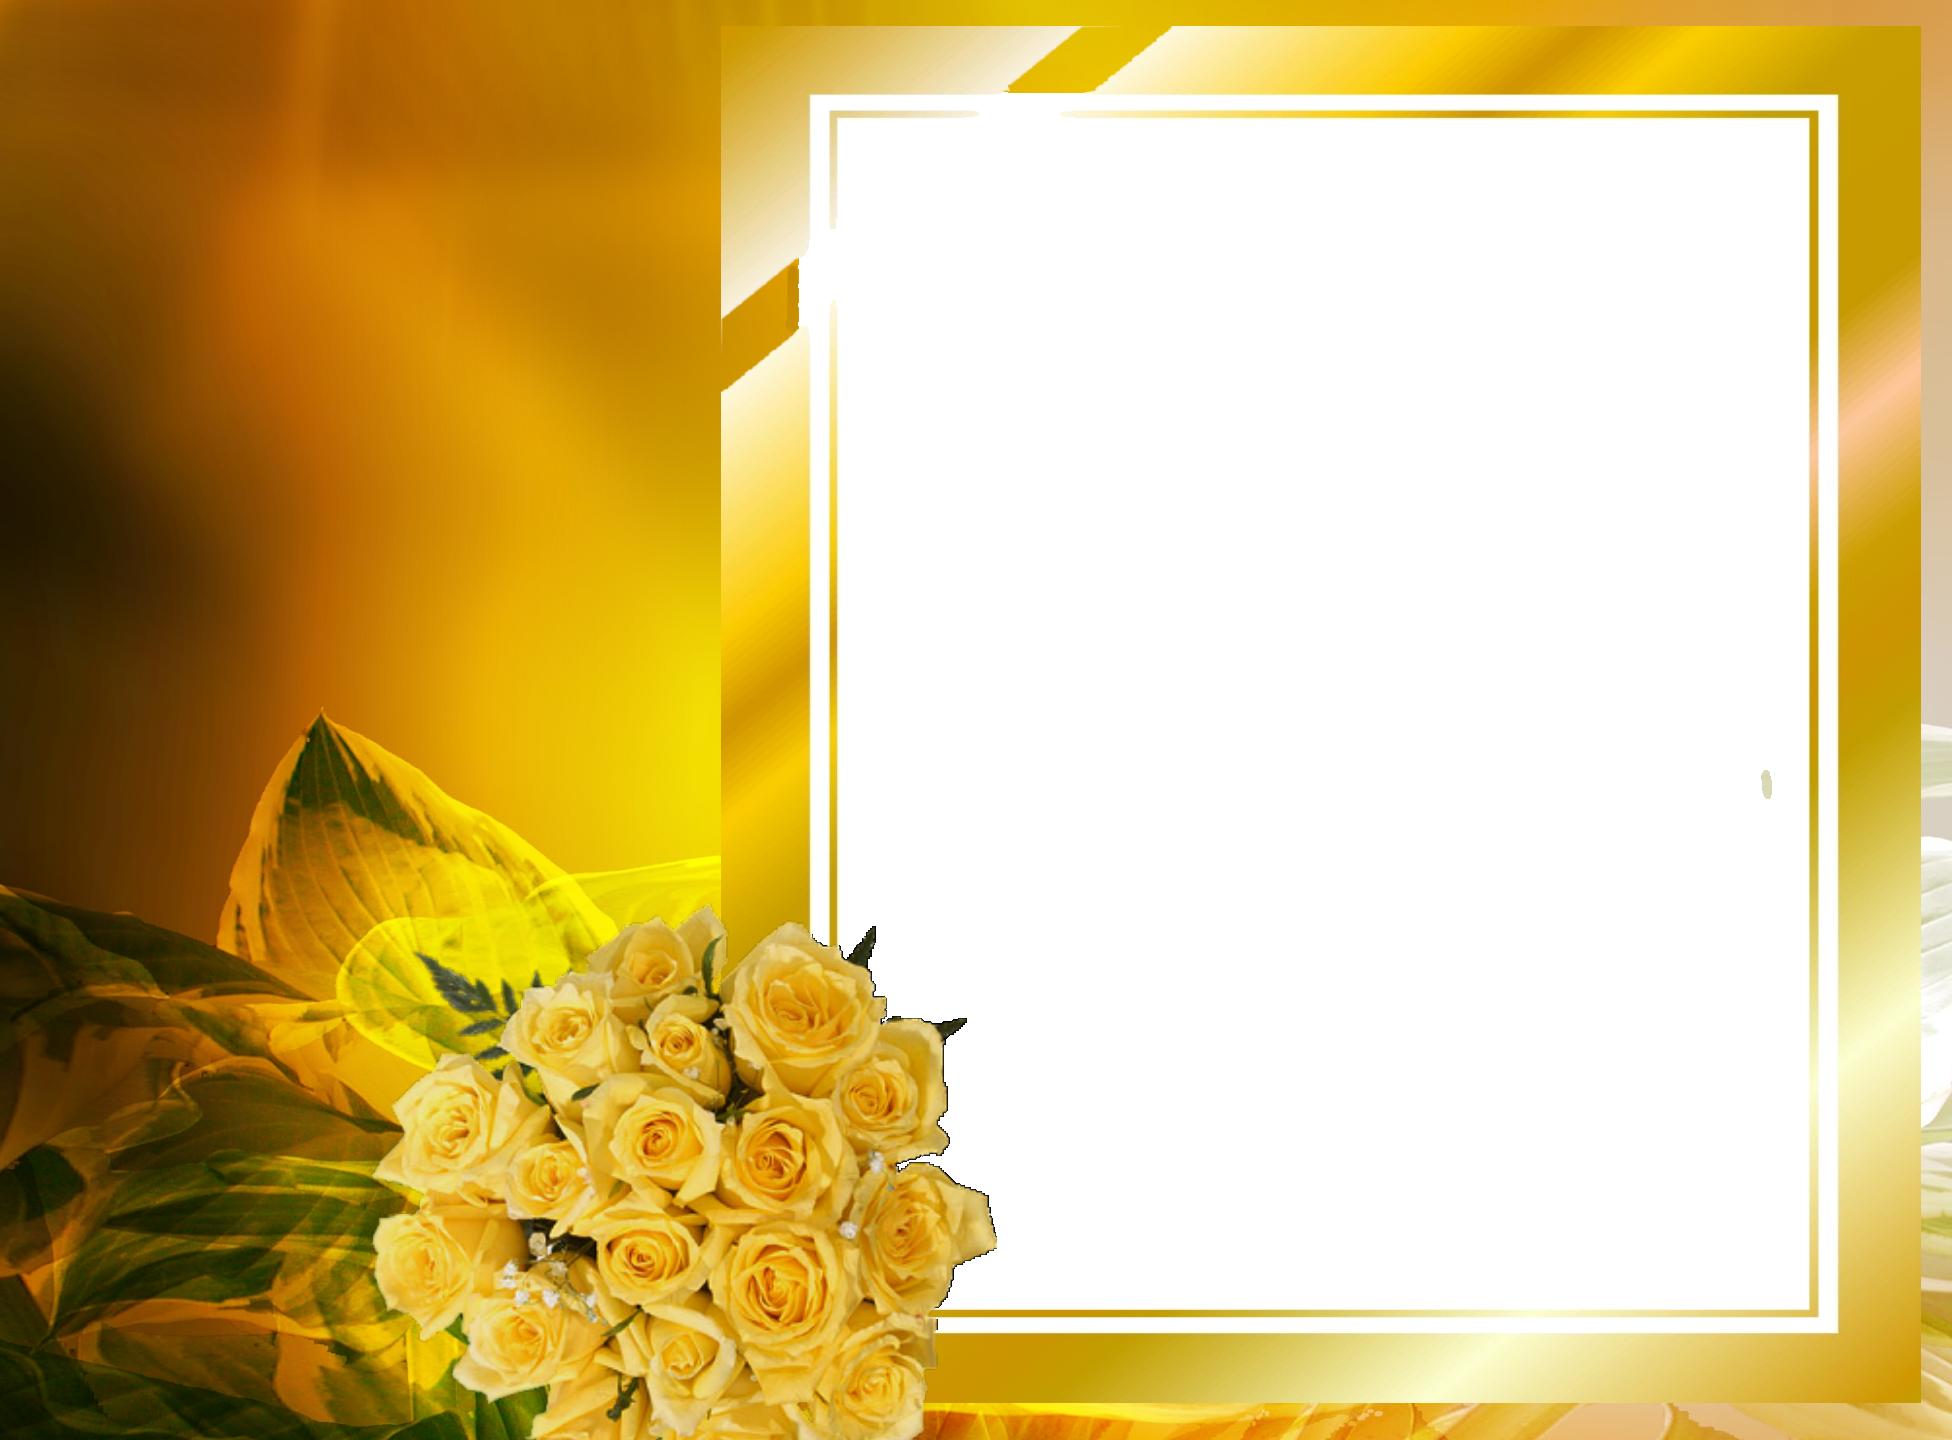 Khung hình hoa vàng Photoshop